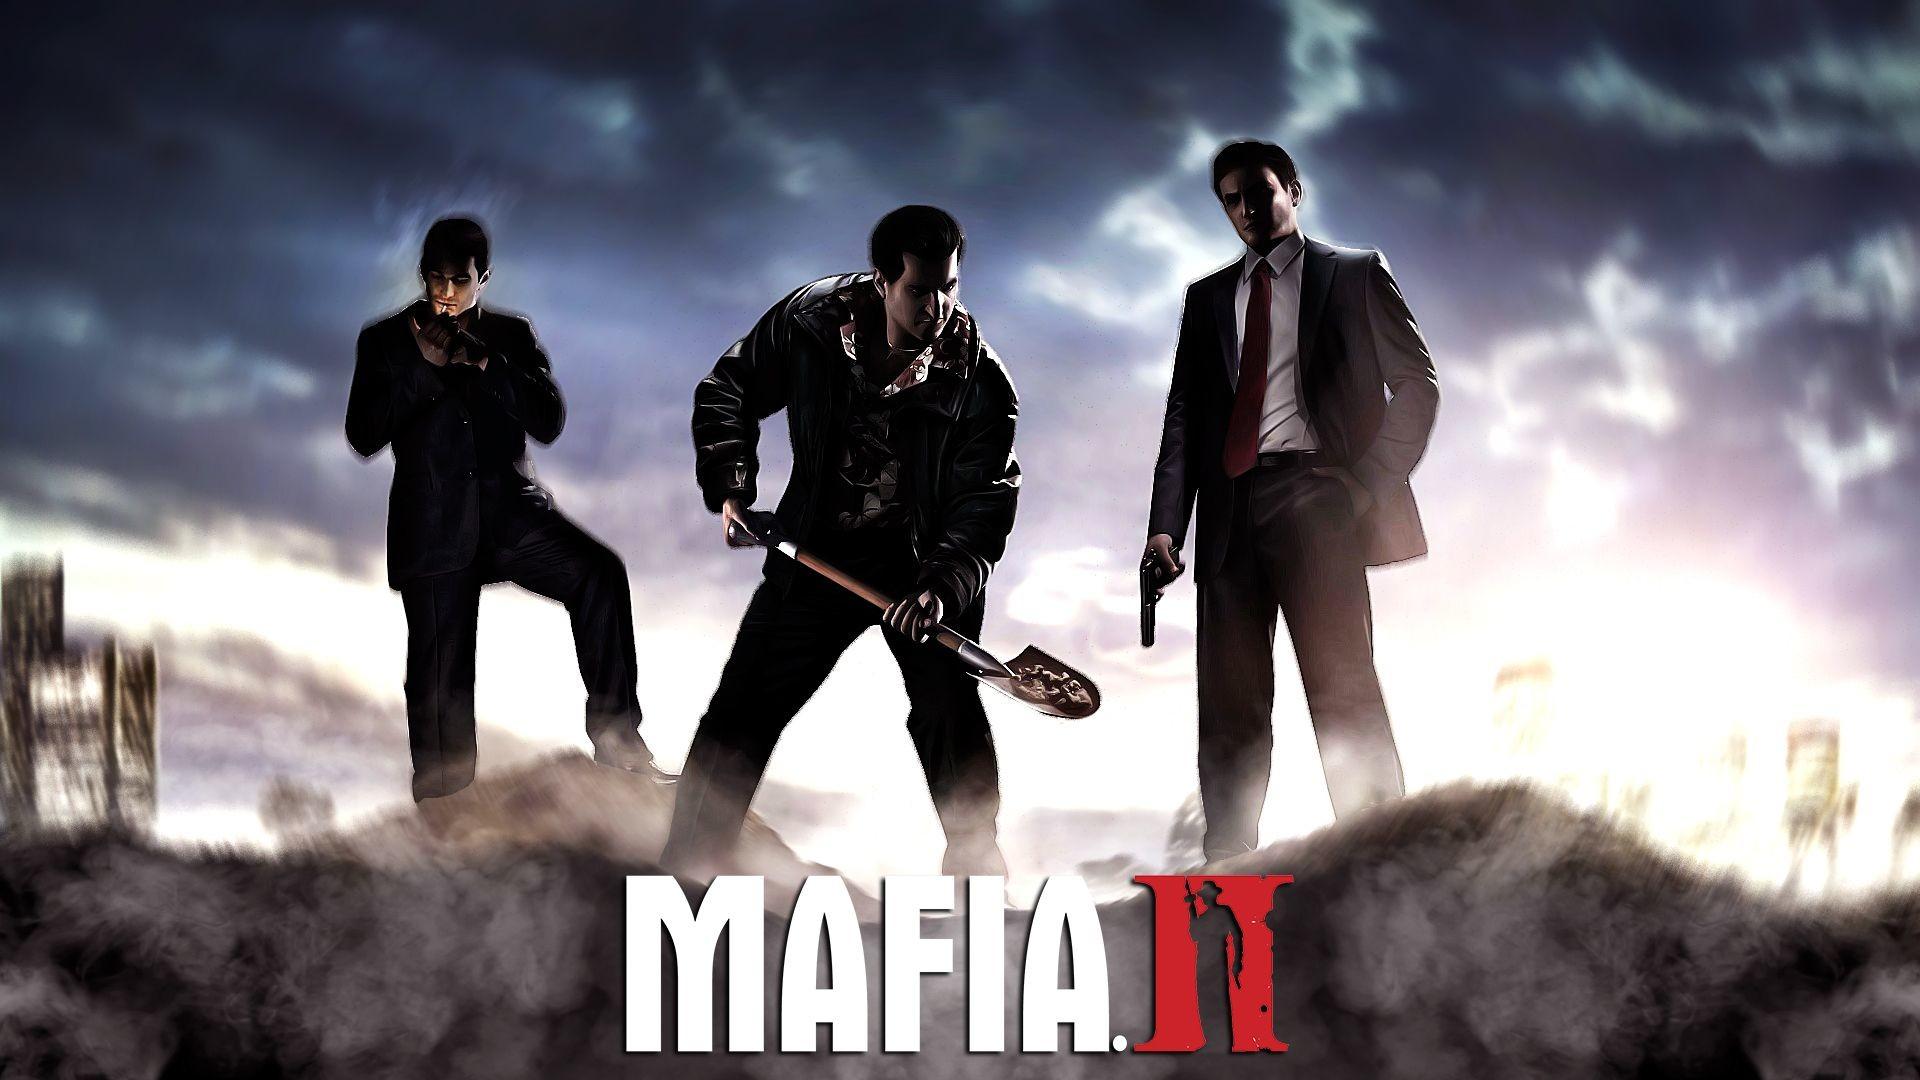 Mafia Wallpaper, Picture, Image